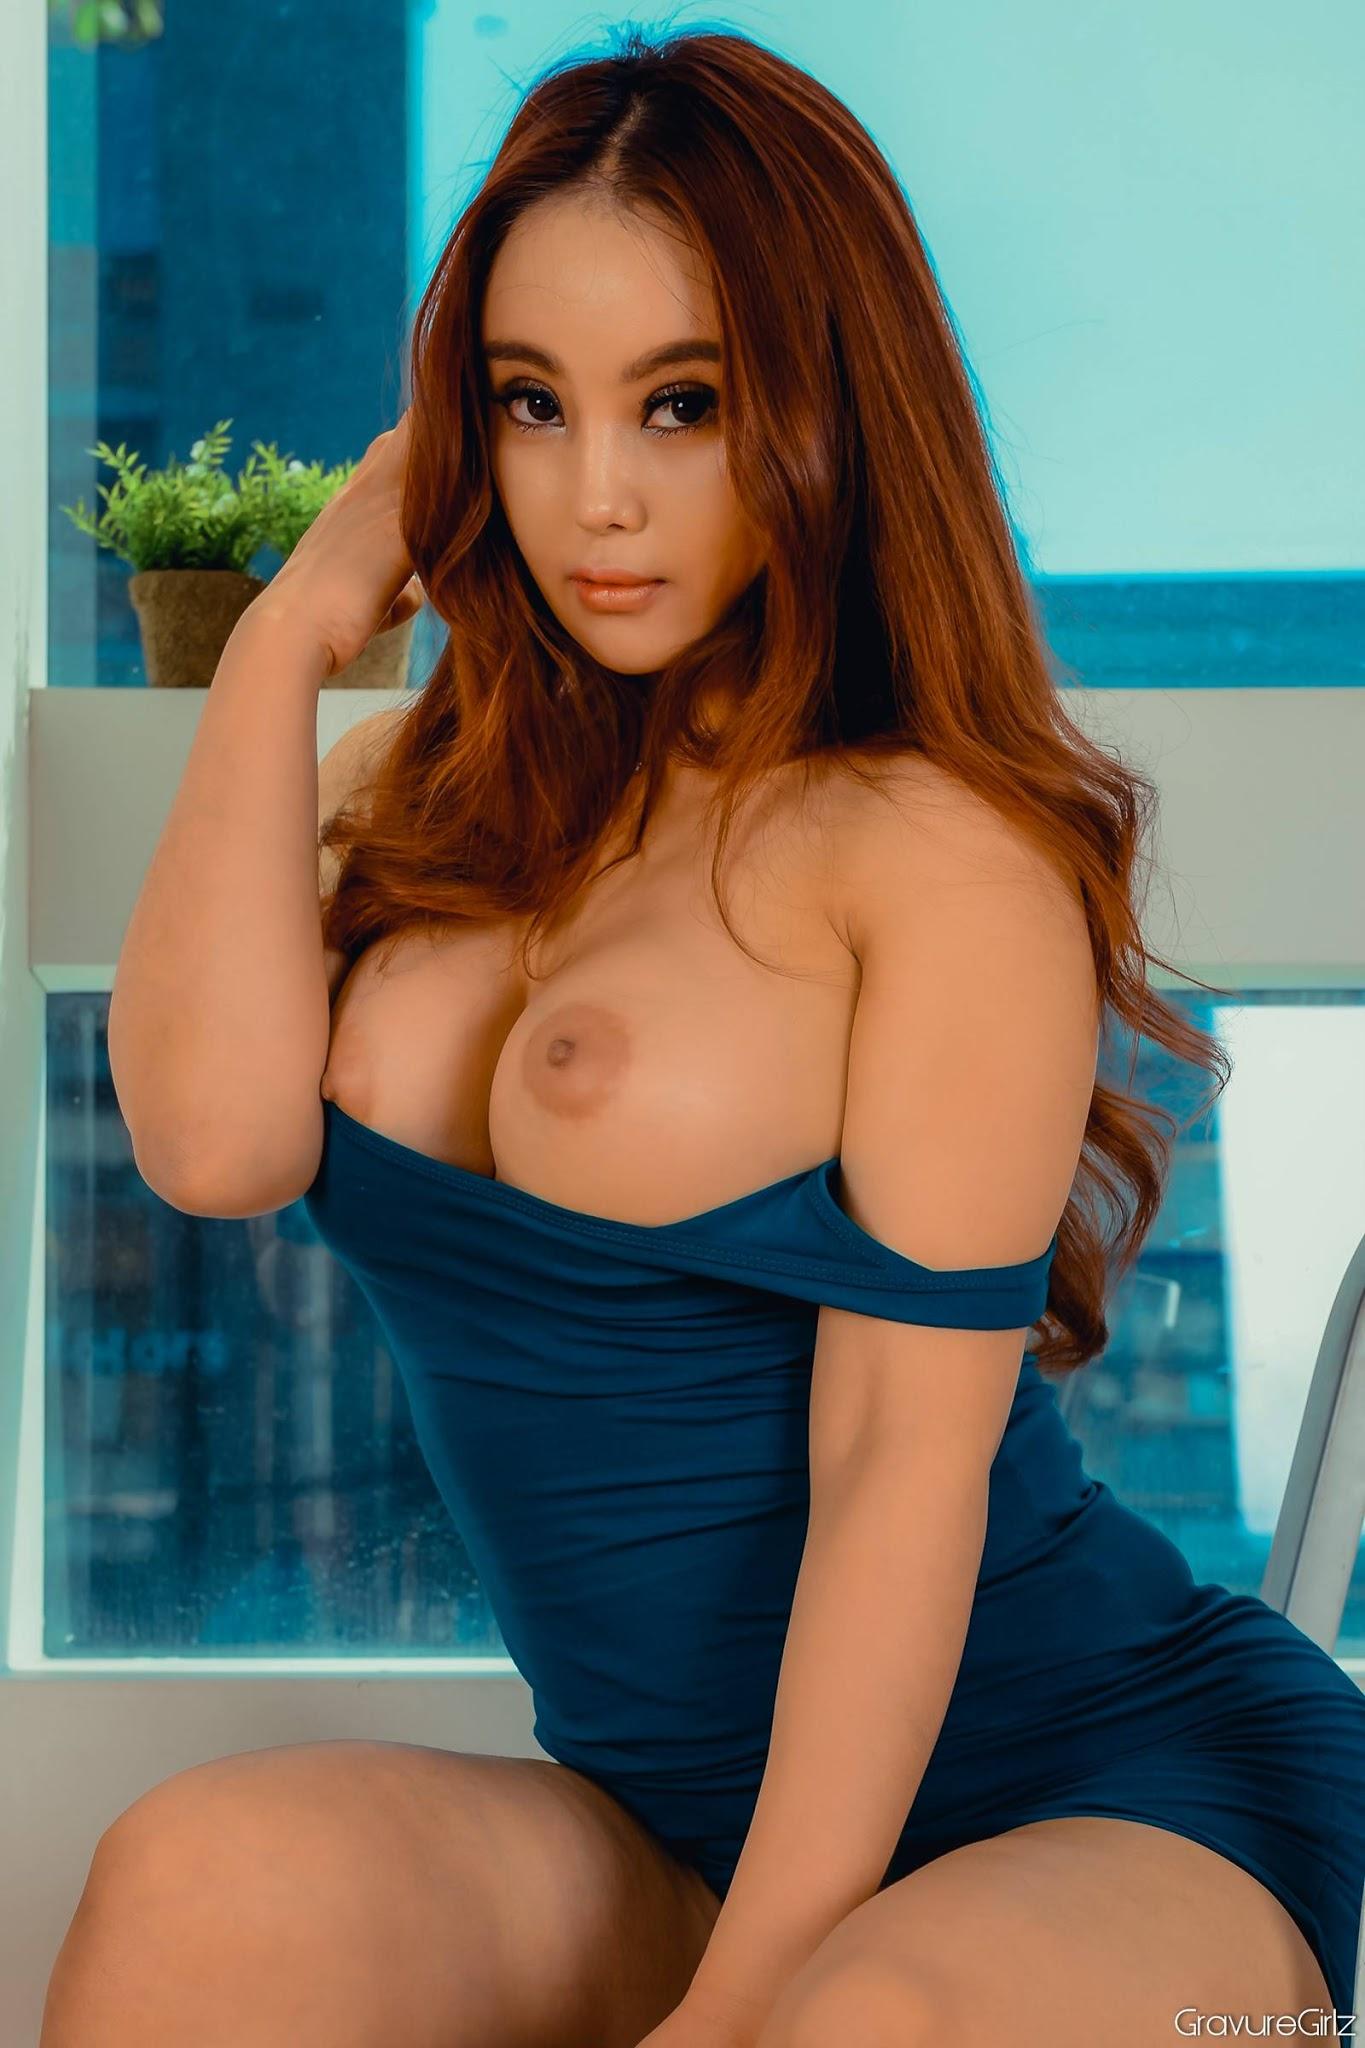 HYO RIN | Thick Korean Girl Naked | MakeModel Uncensored ...